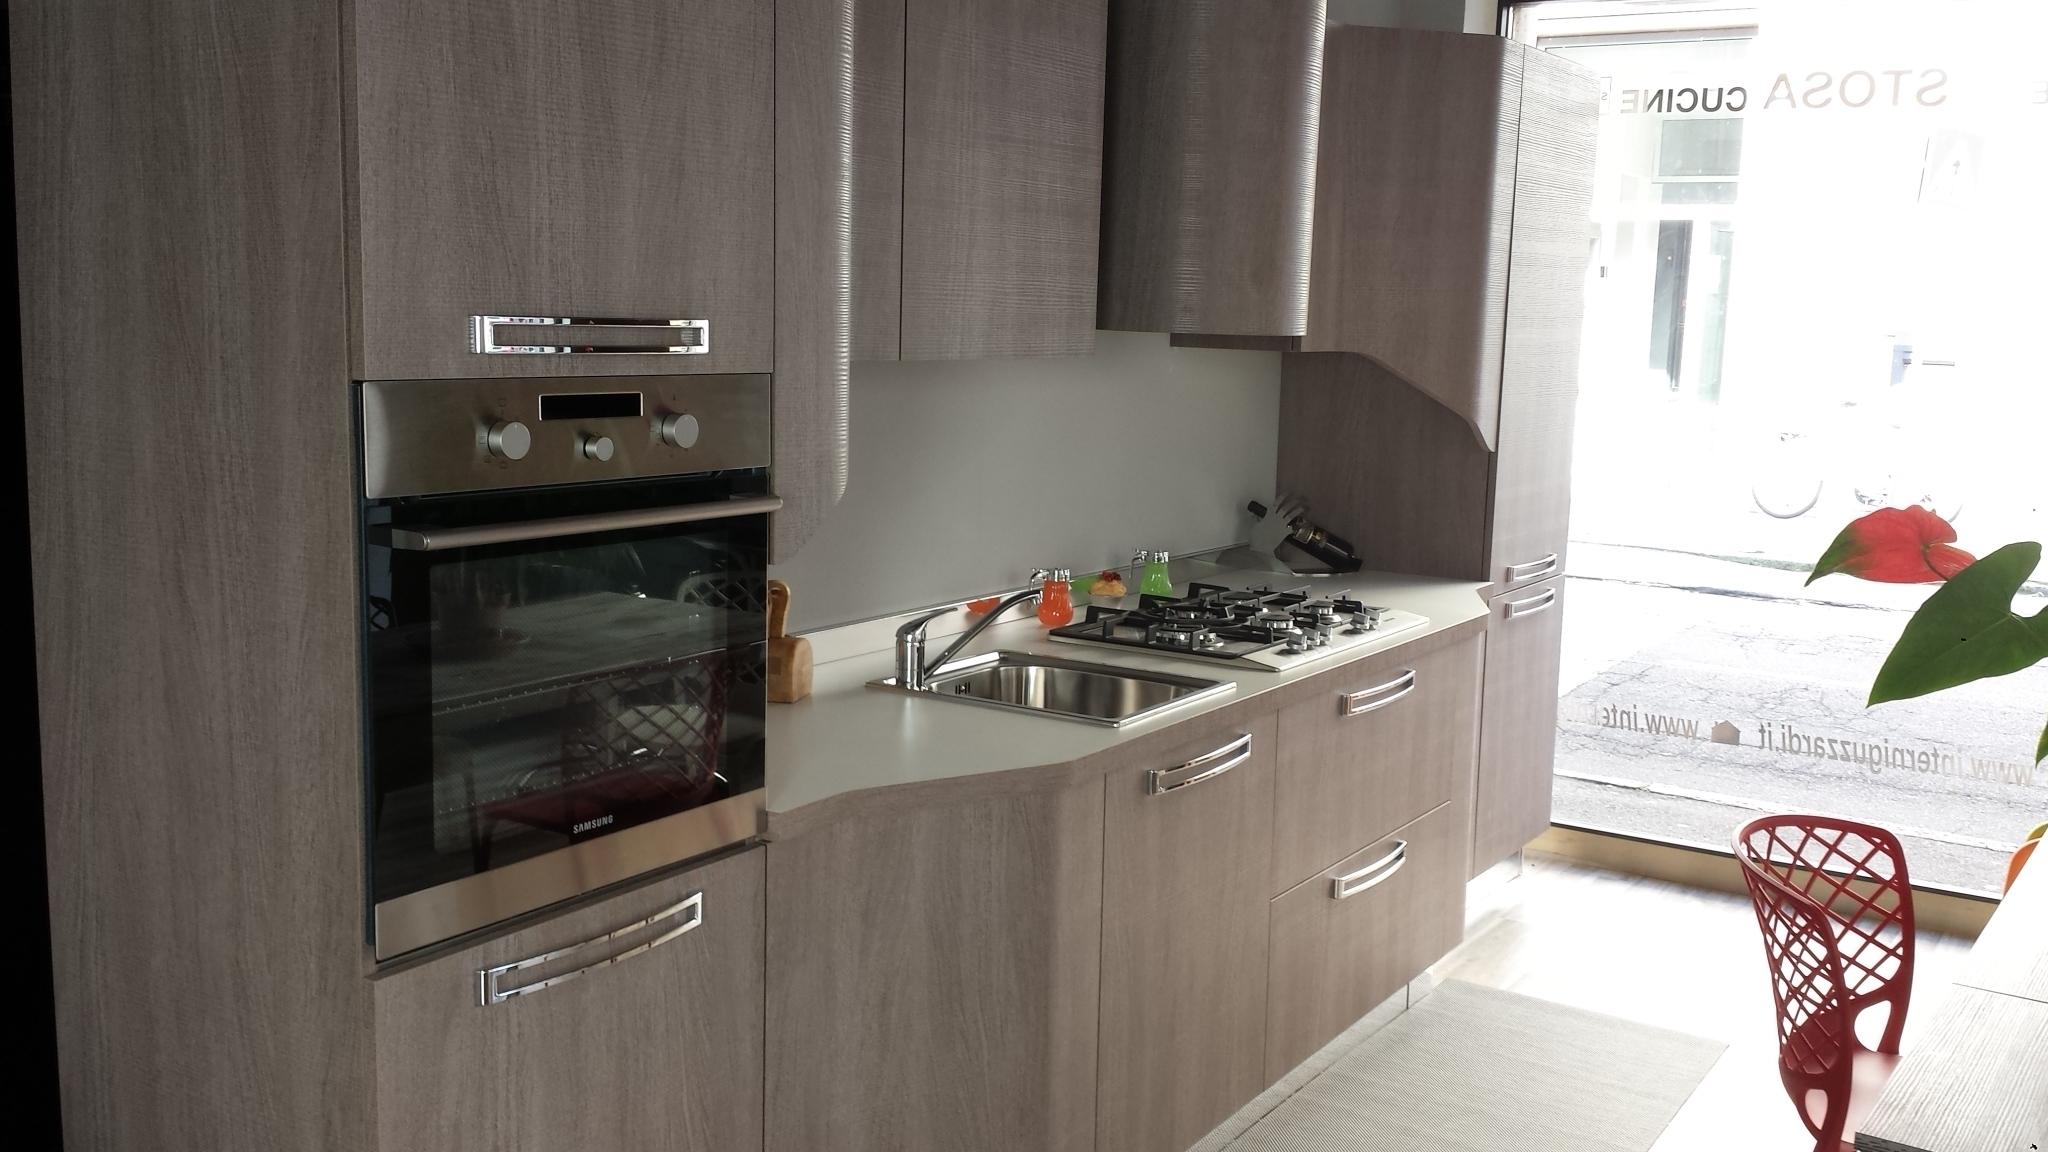 Cucina stosa milly in offerta 22237 cucine a prezzi scontati - Cucina in offerta ...